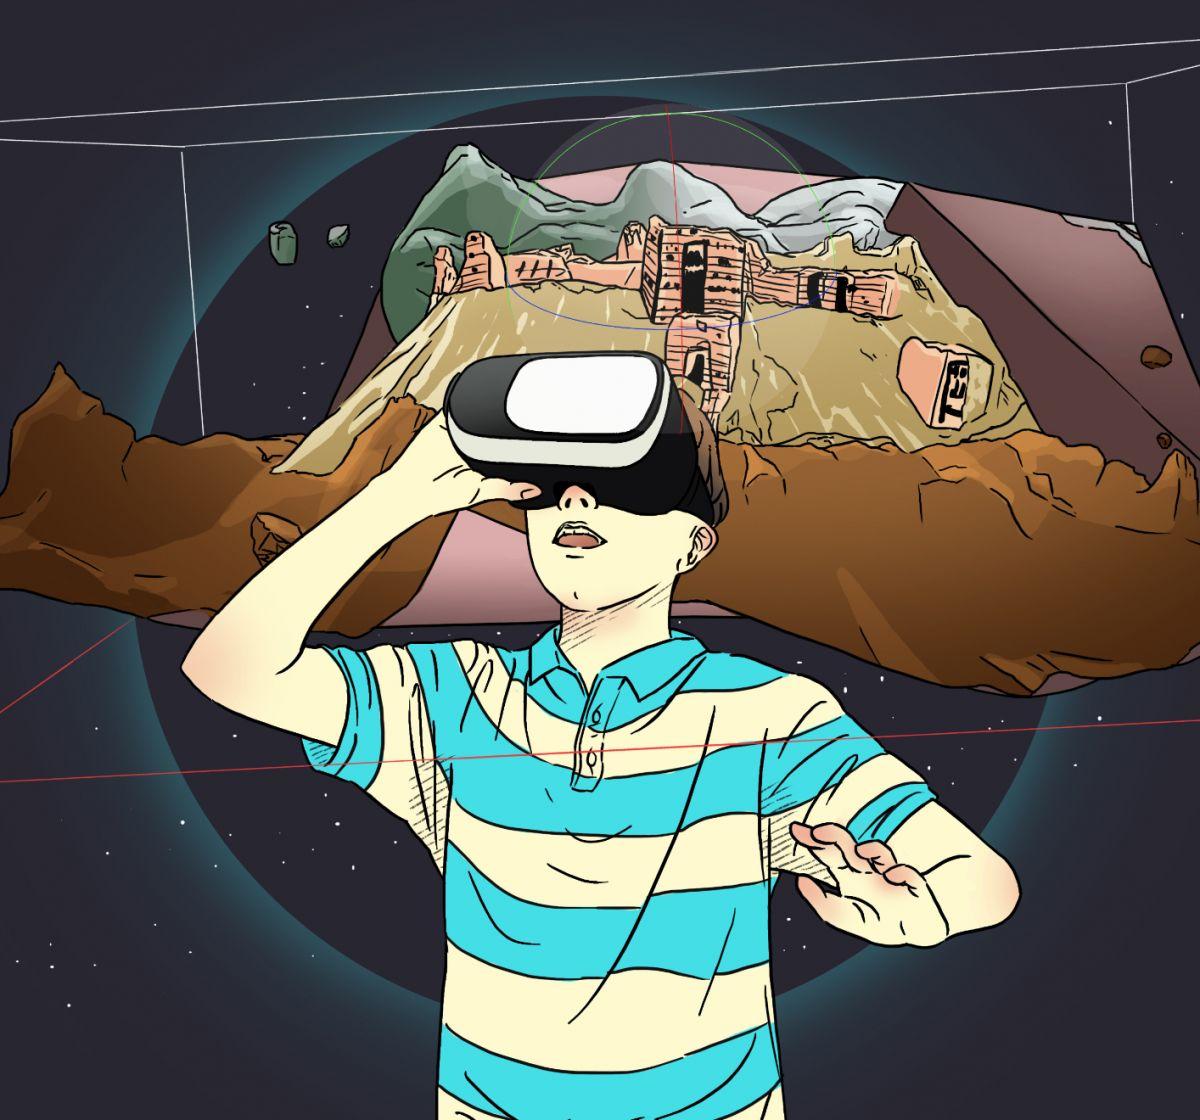 Future Aleppo VR